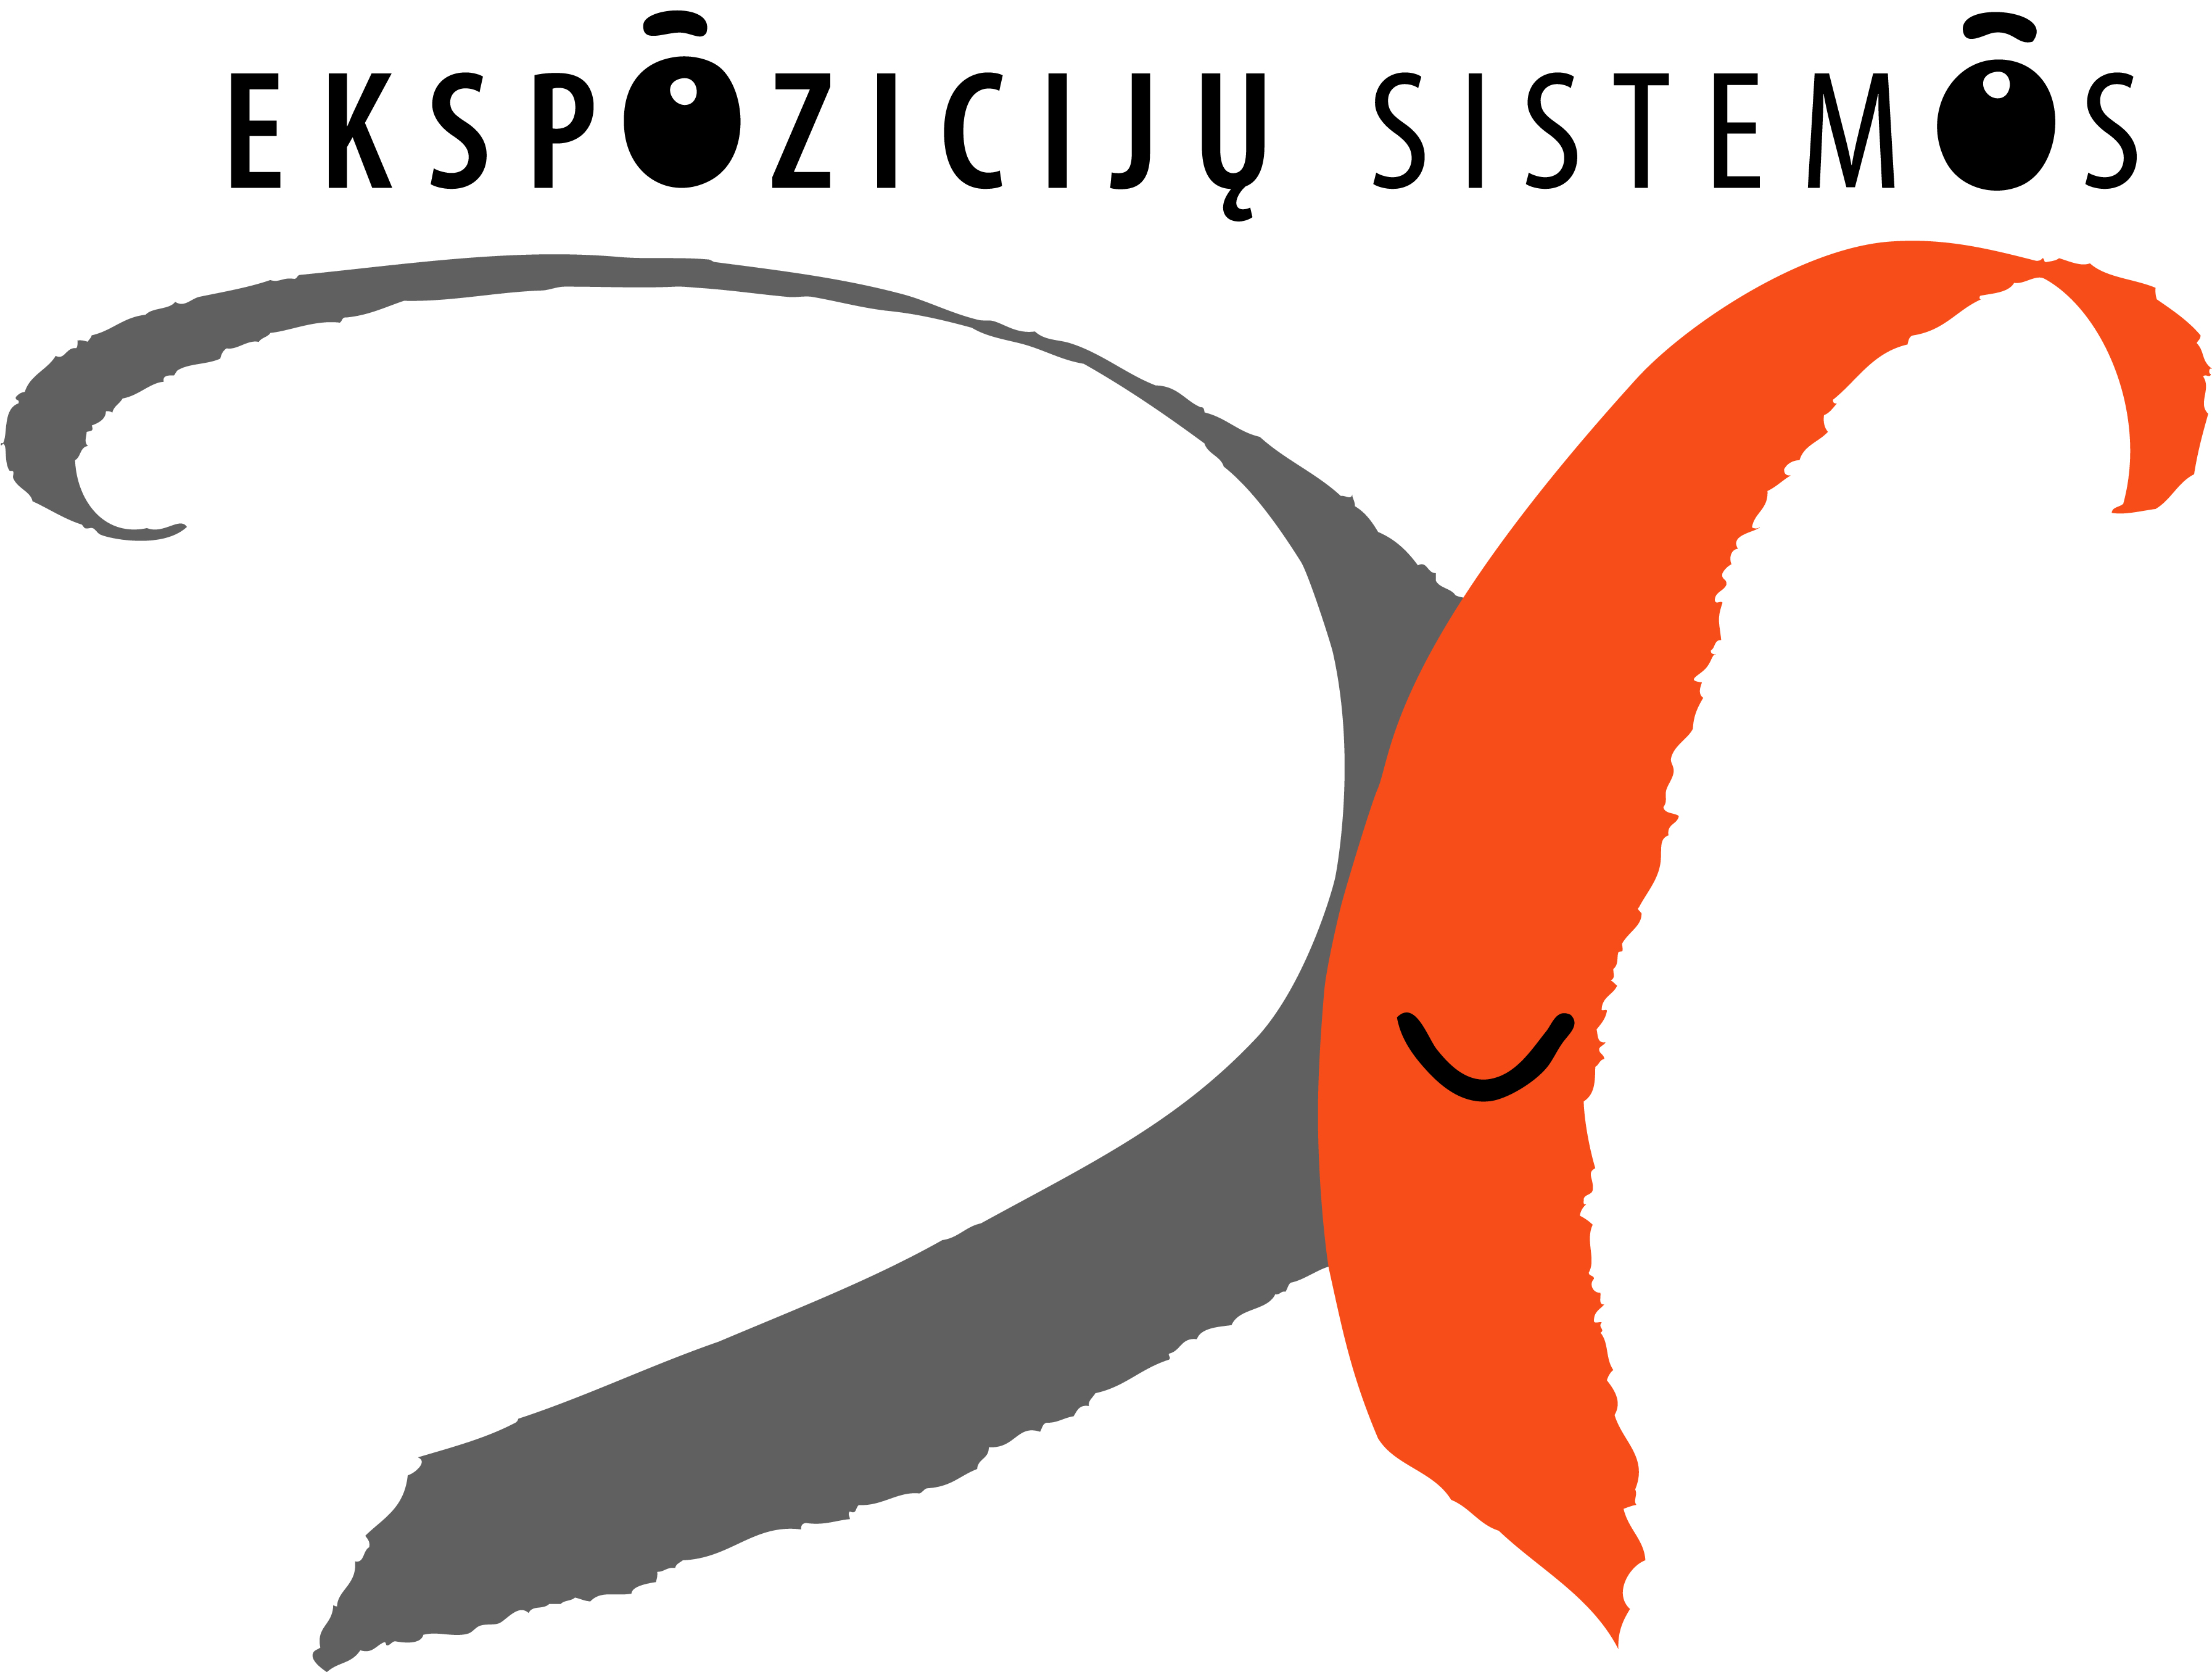 Įmonės Ekspozicijų sistemos, UAB logotipas